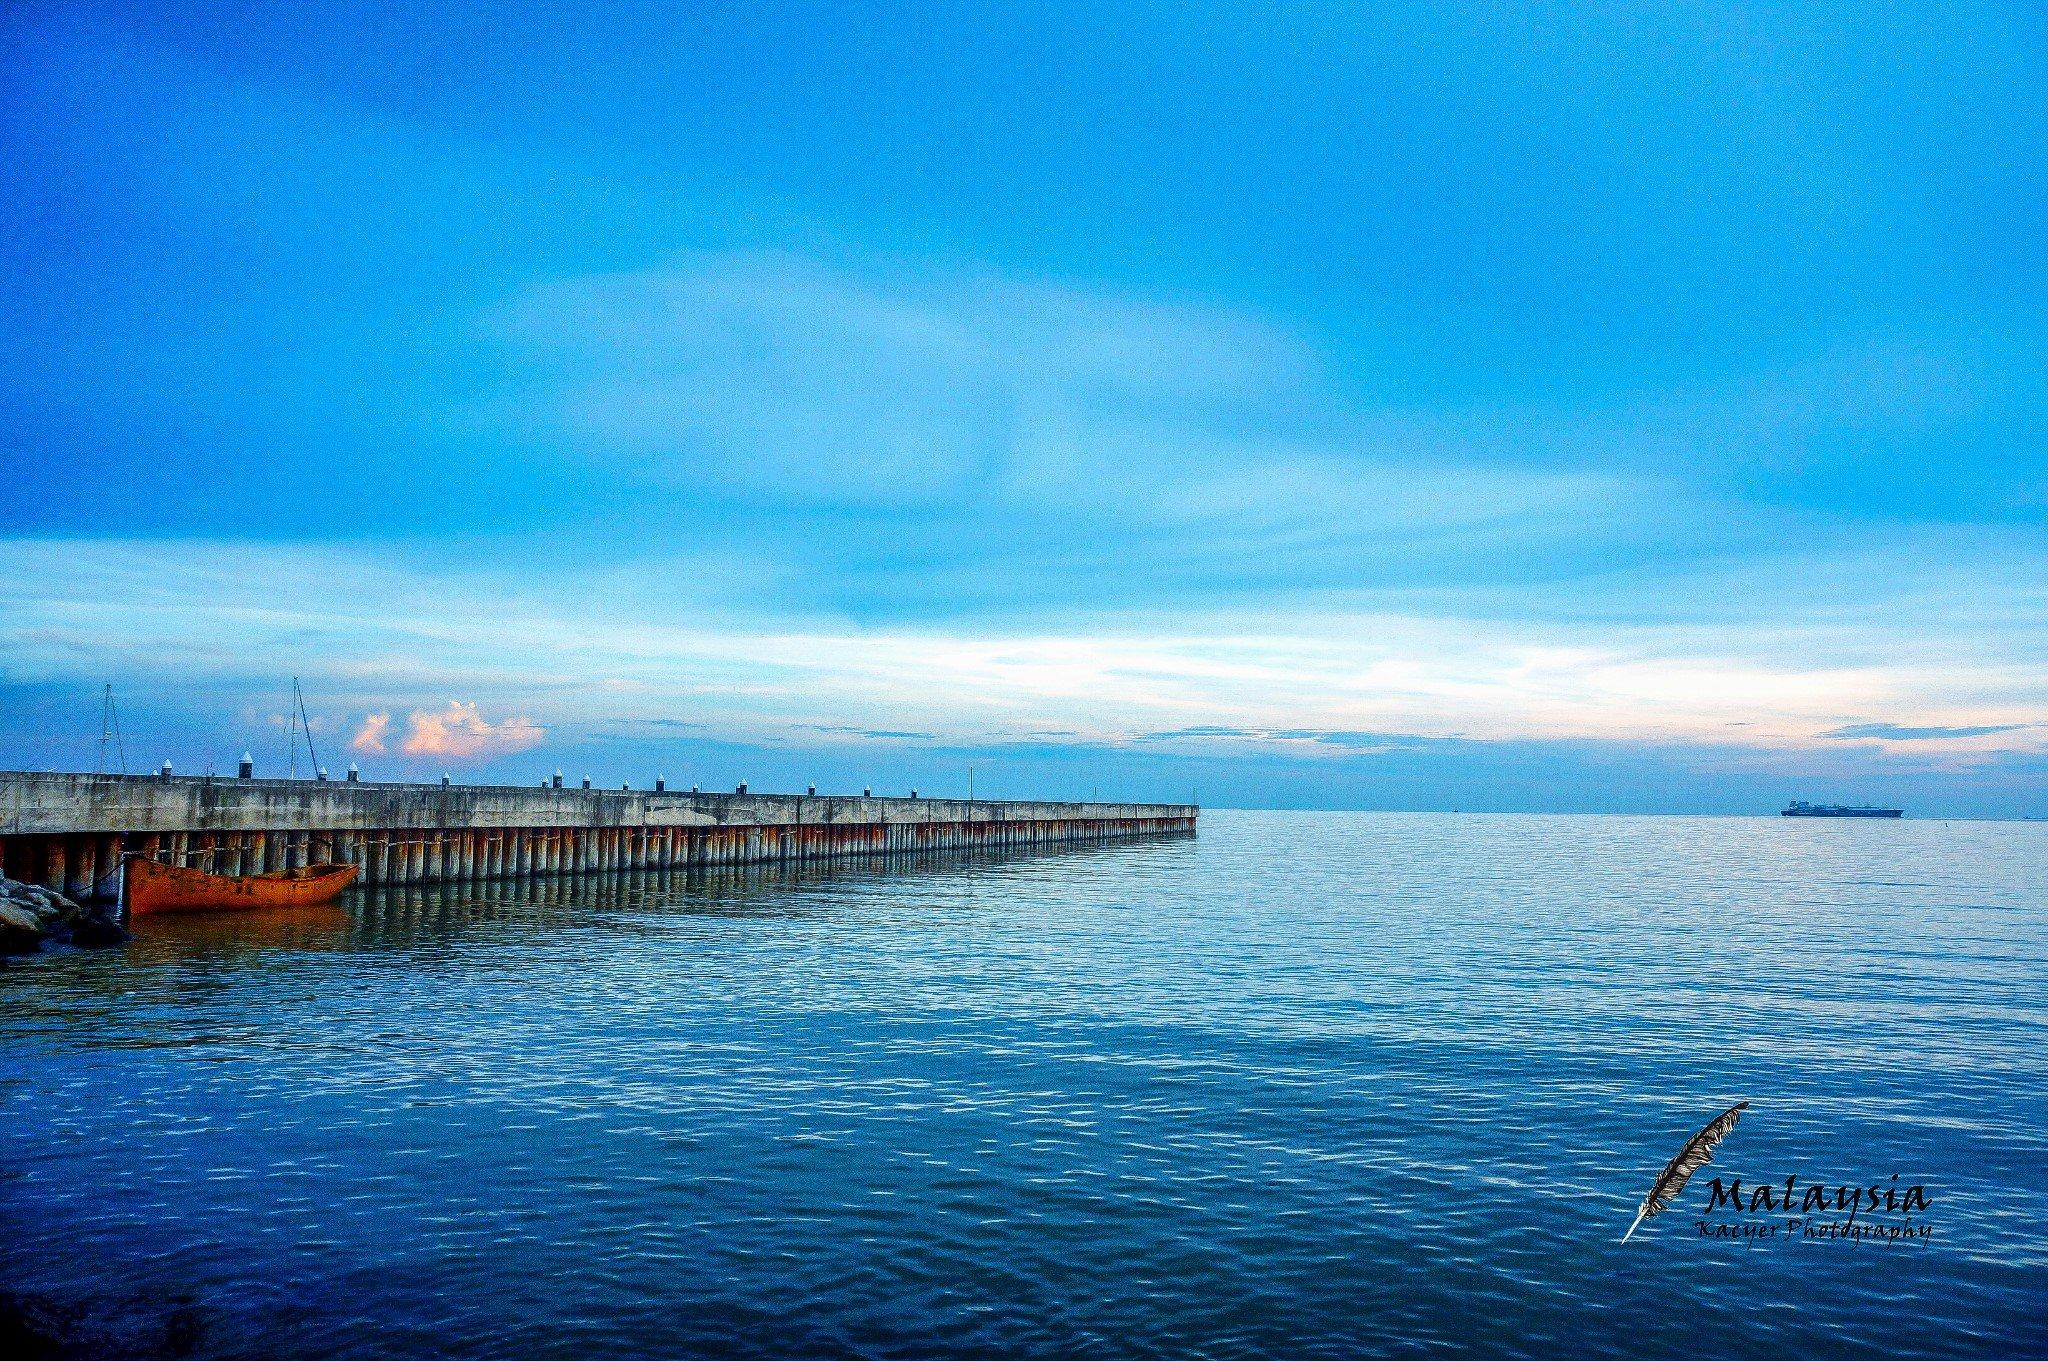 【空降大马】用马来西亚的风景☀Say Summer☀